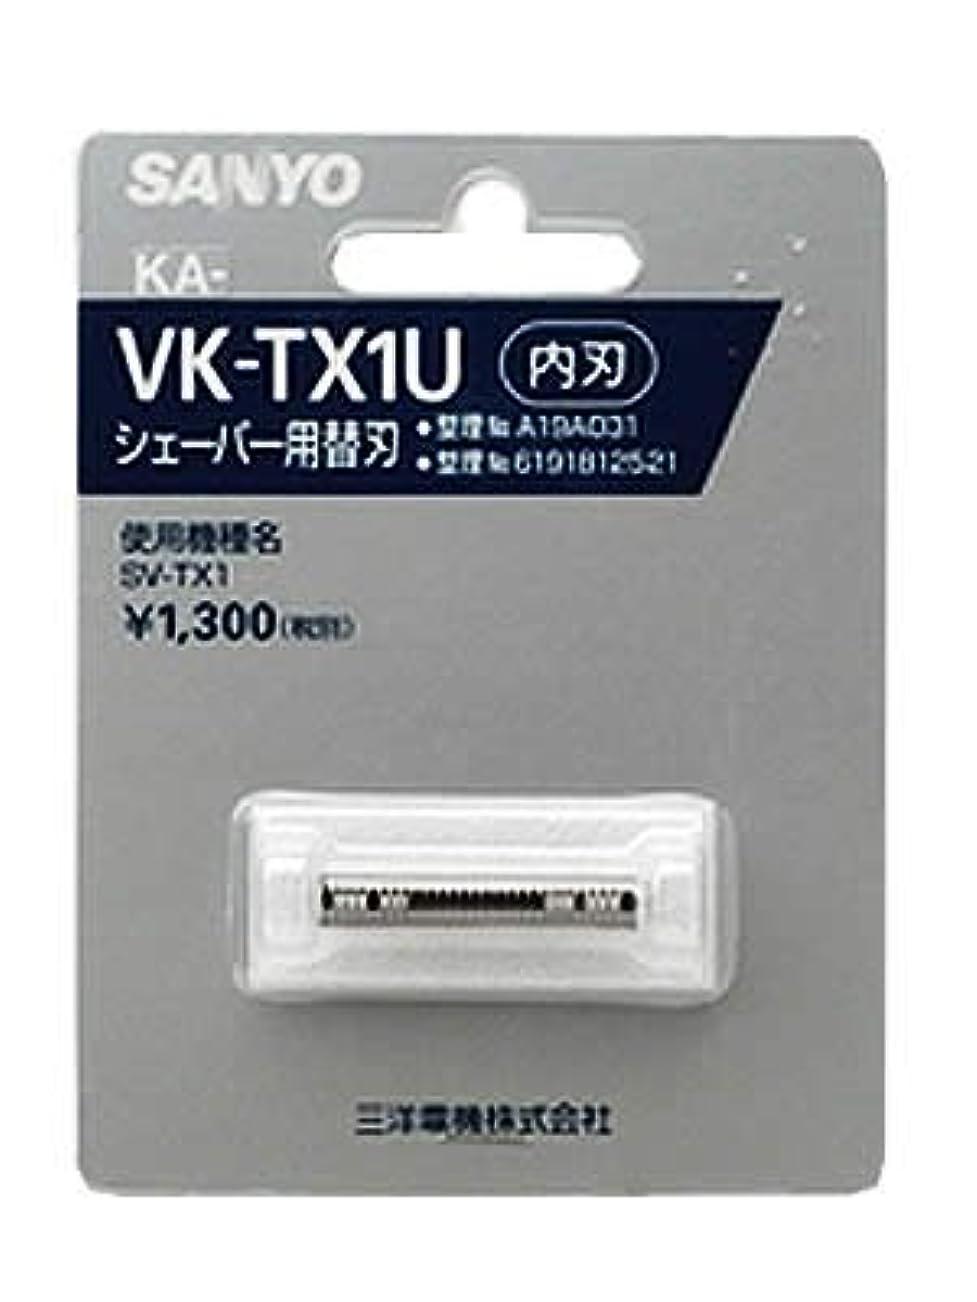 発音する眉をひそめる消毒するSANYO カドニカ 96 KA-VK-TX1U